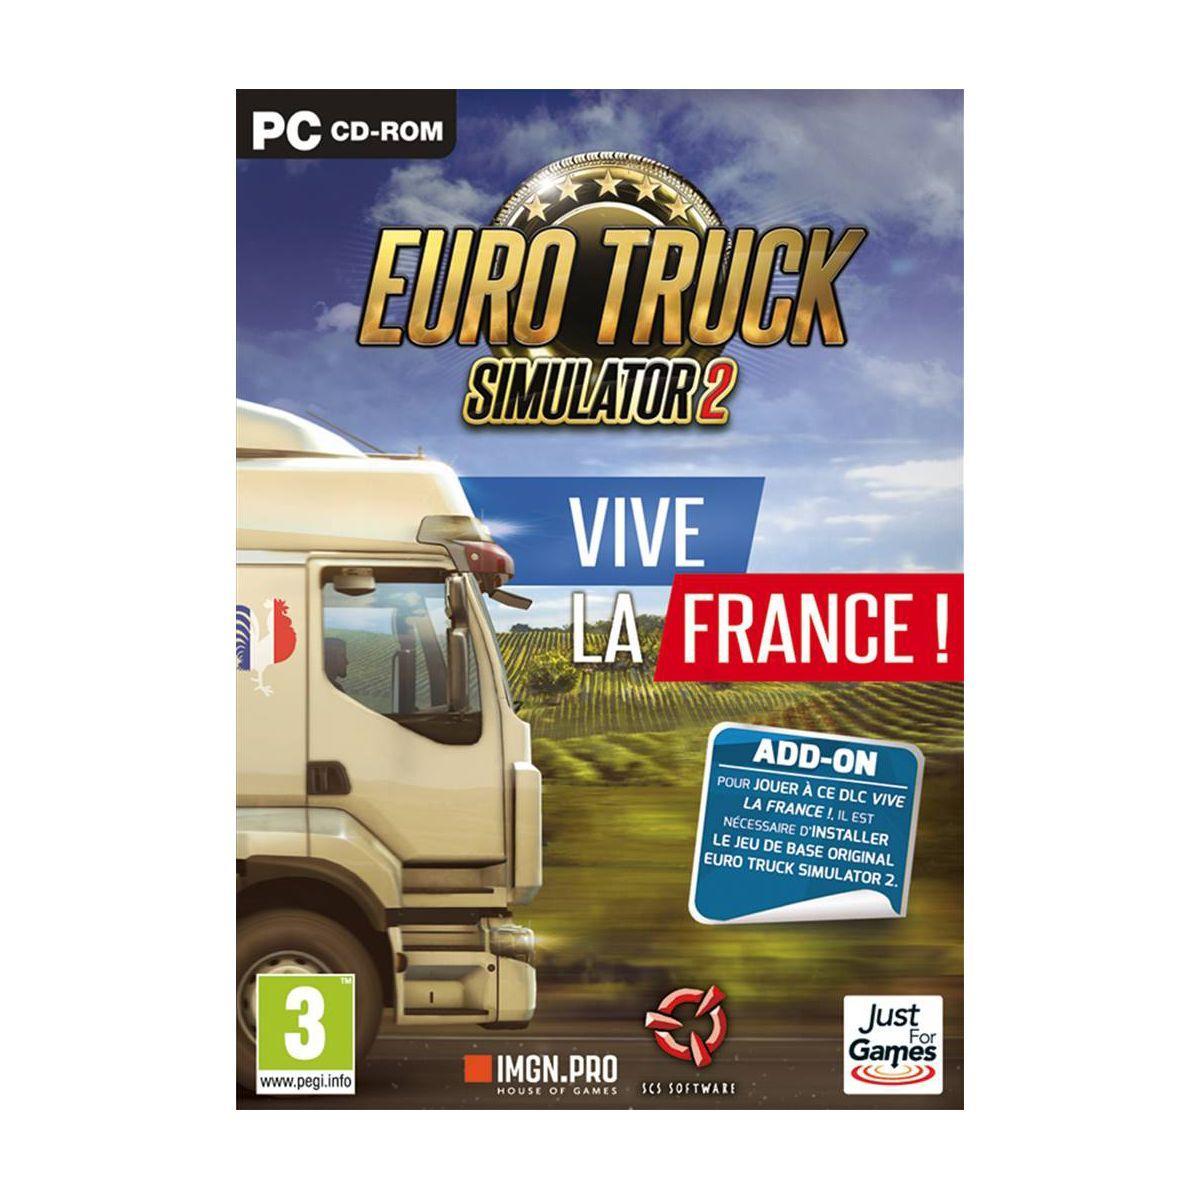 Jeu pc just for games euro truck 2 simul - 3% de remise immédiate avec le code : multi3 (photo)